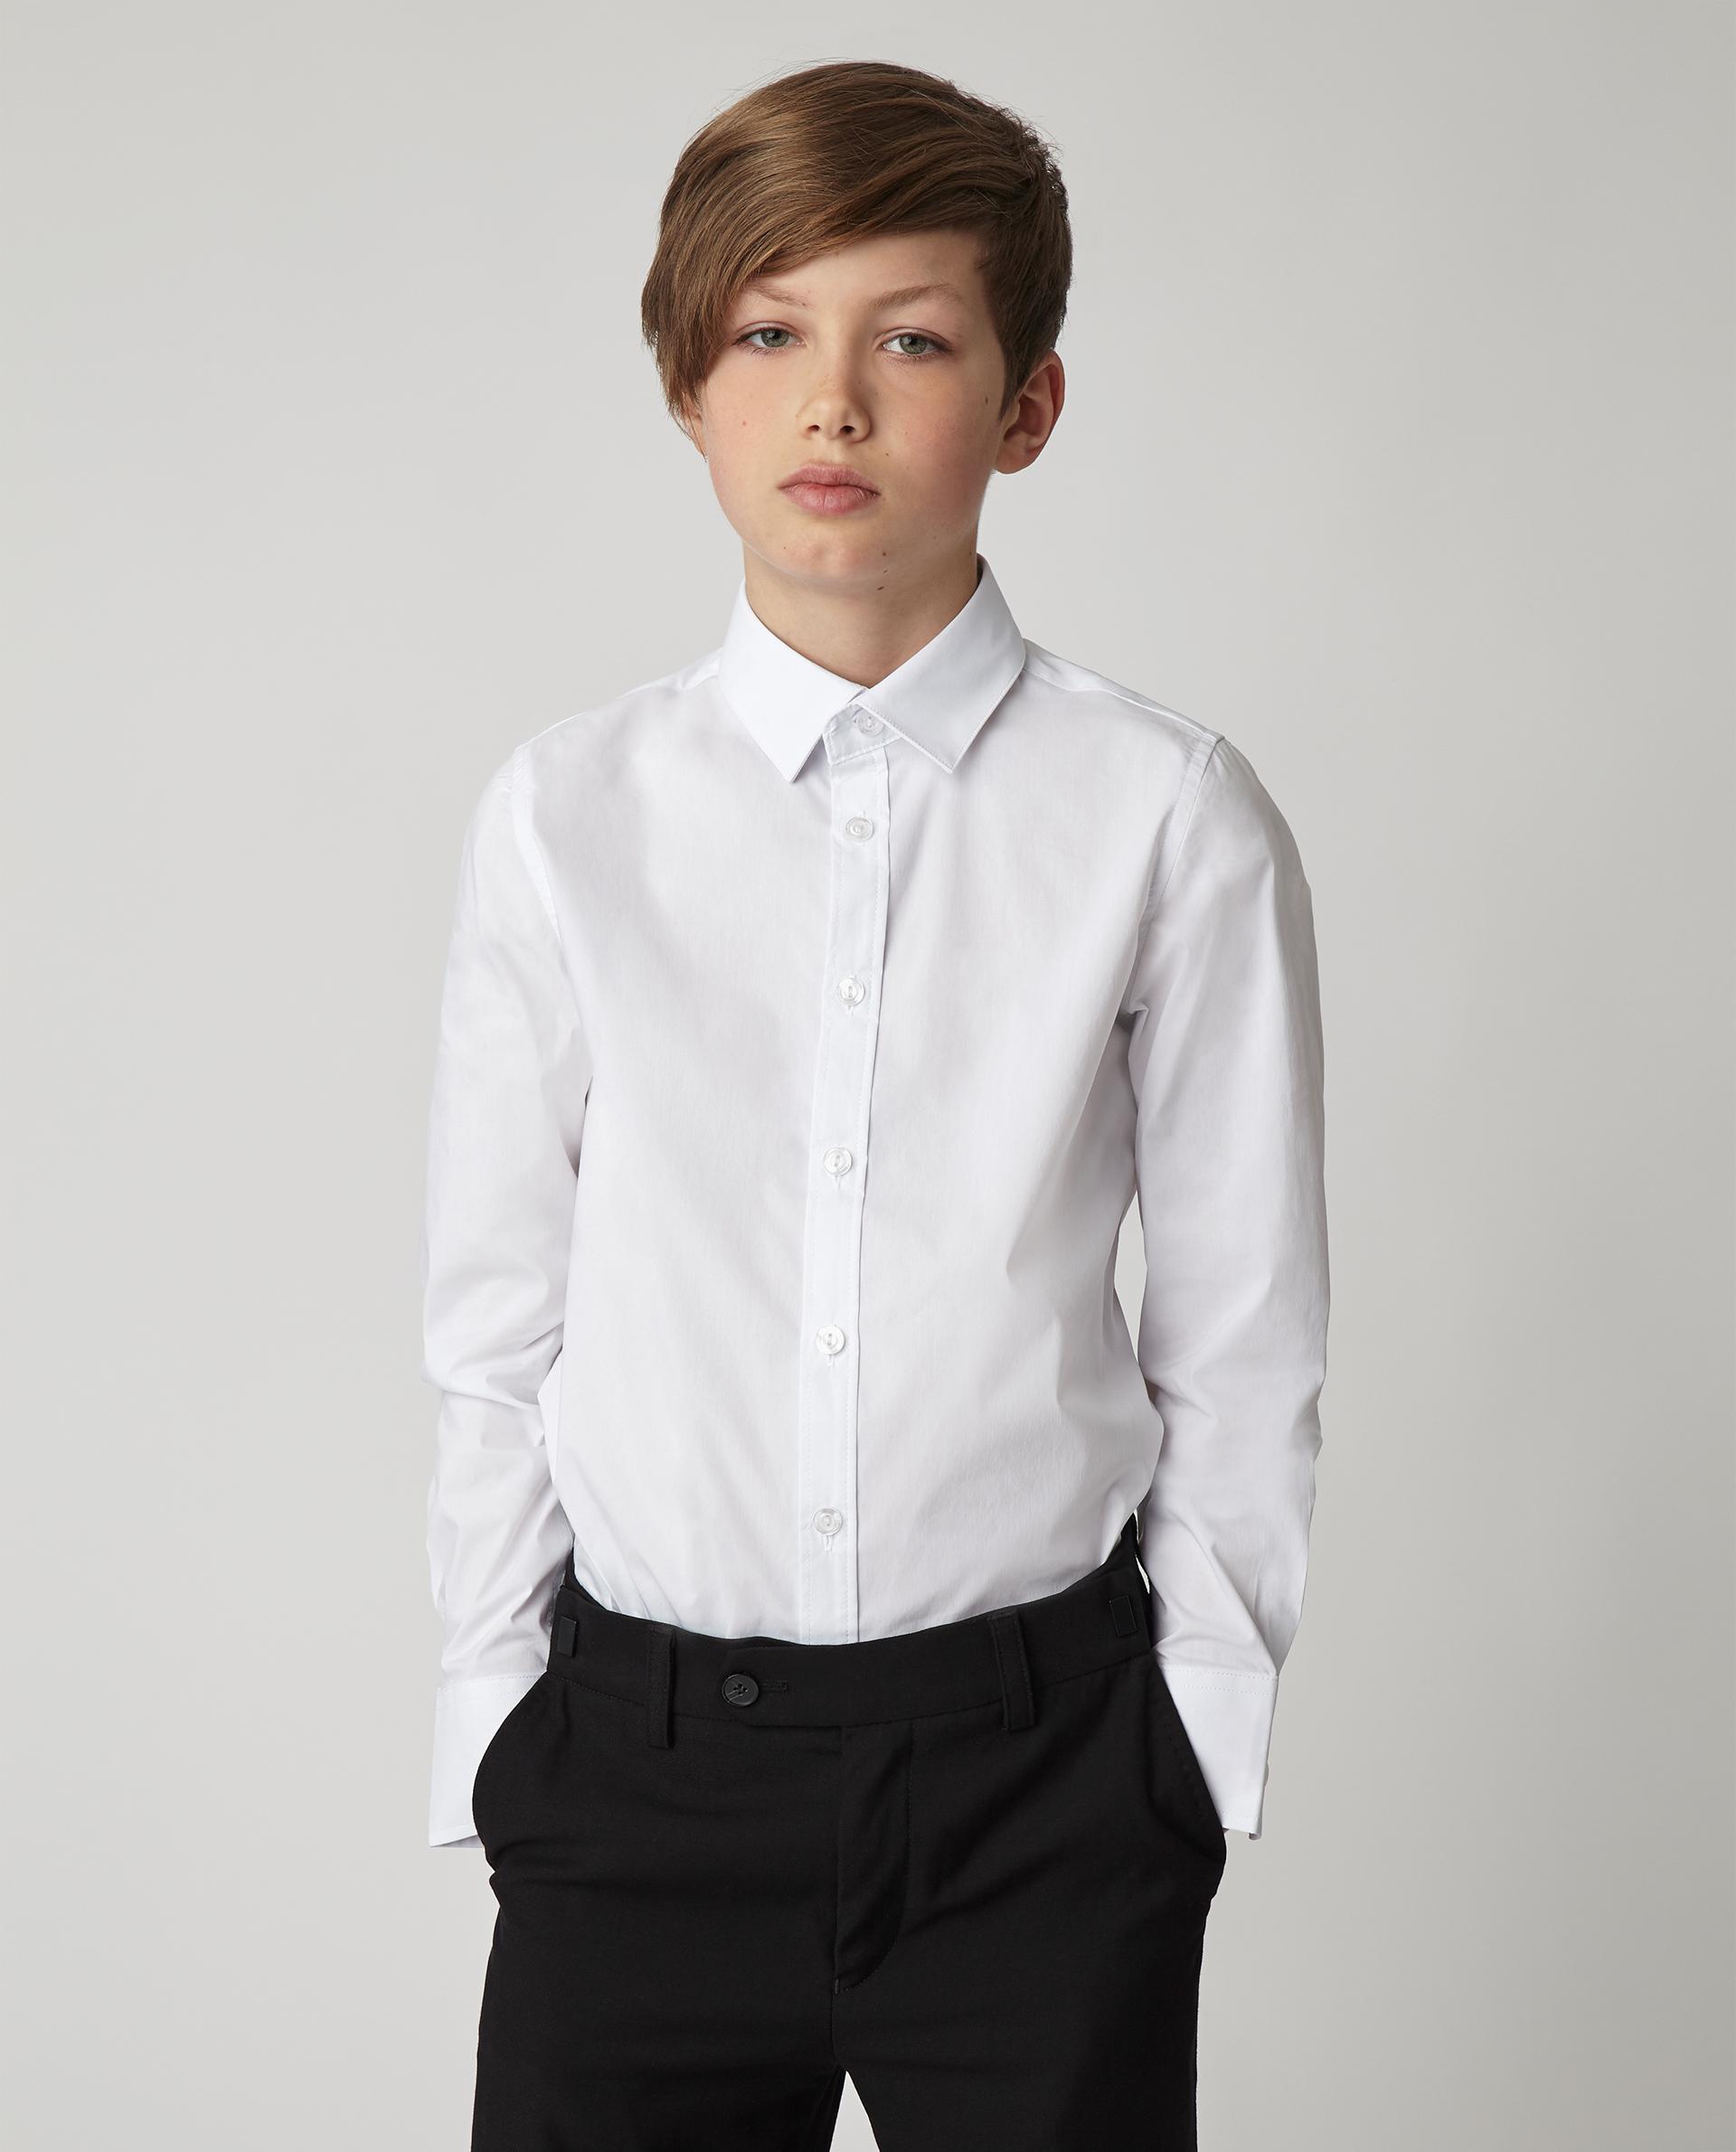 Купить 220GSBC2305, Белая рубашка Gulliver, белый, 170, Мужской, Демисезон, ШКОЛЬНАЯ ФОРМА 2020-2021 (shop: GulliverMarket Gulliver Market)